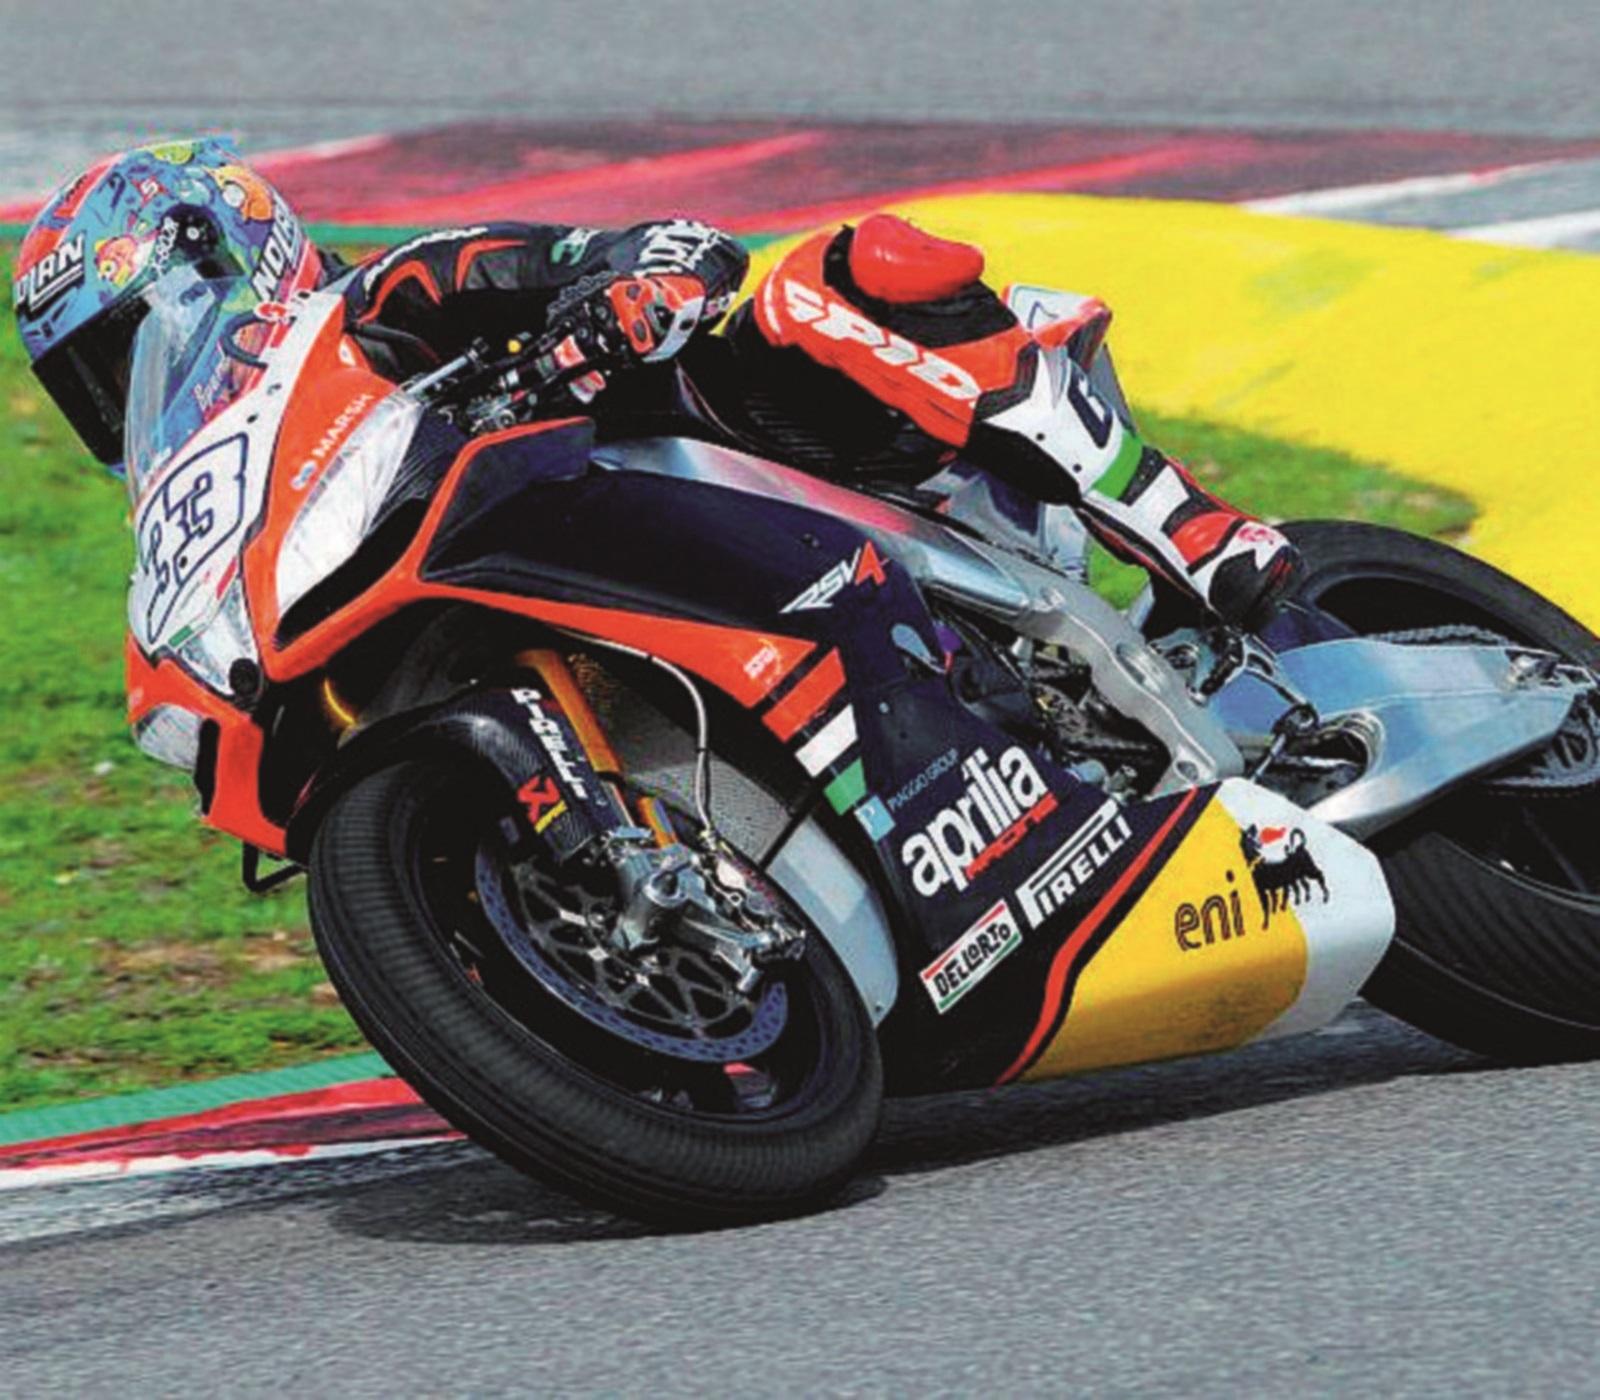 Motociclismo, a 36 anni Marco Melandri annuncia il ritiro a fine stagione